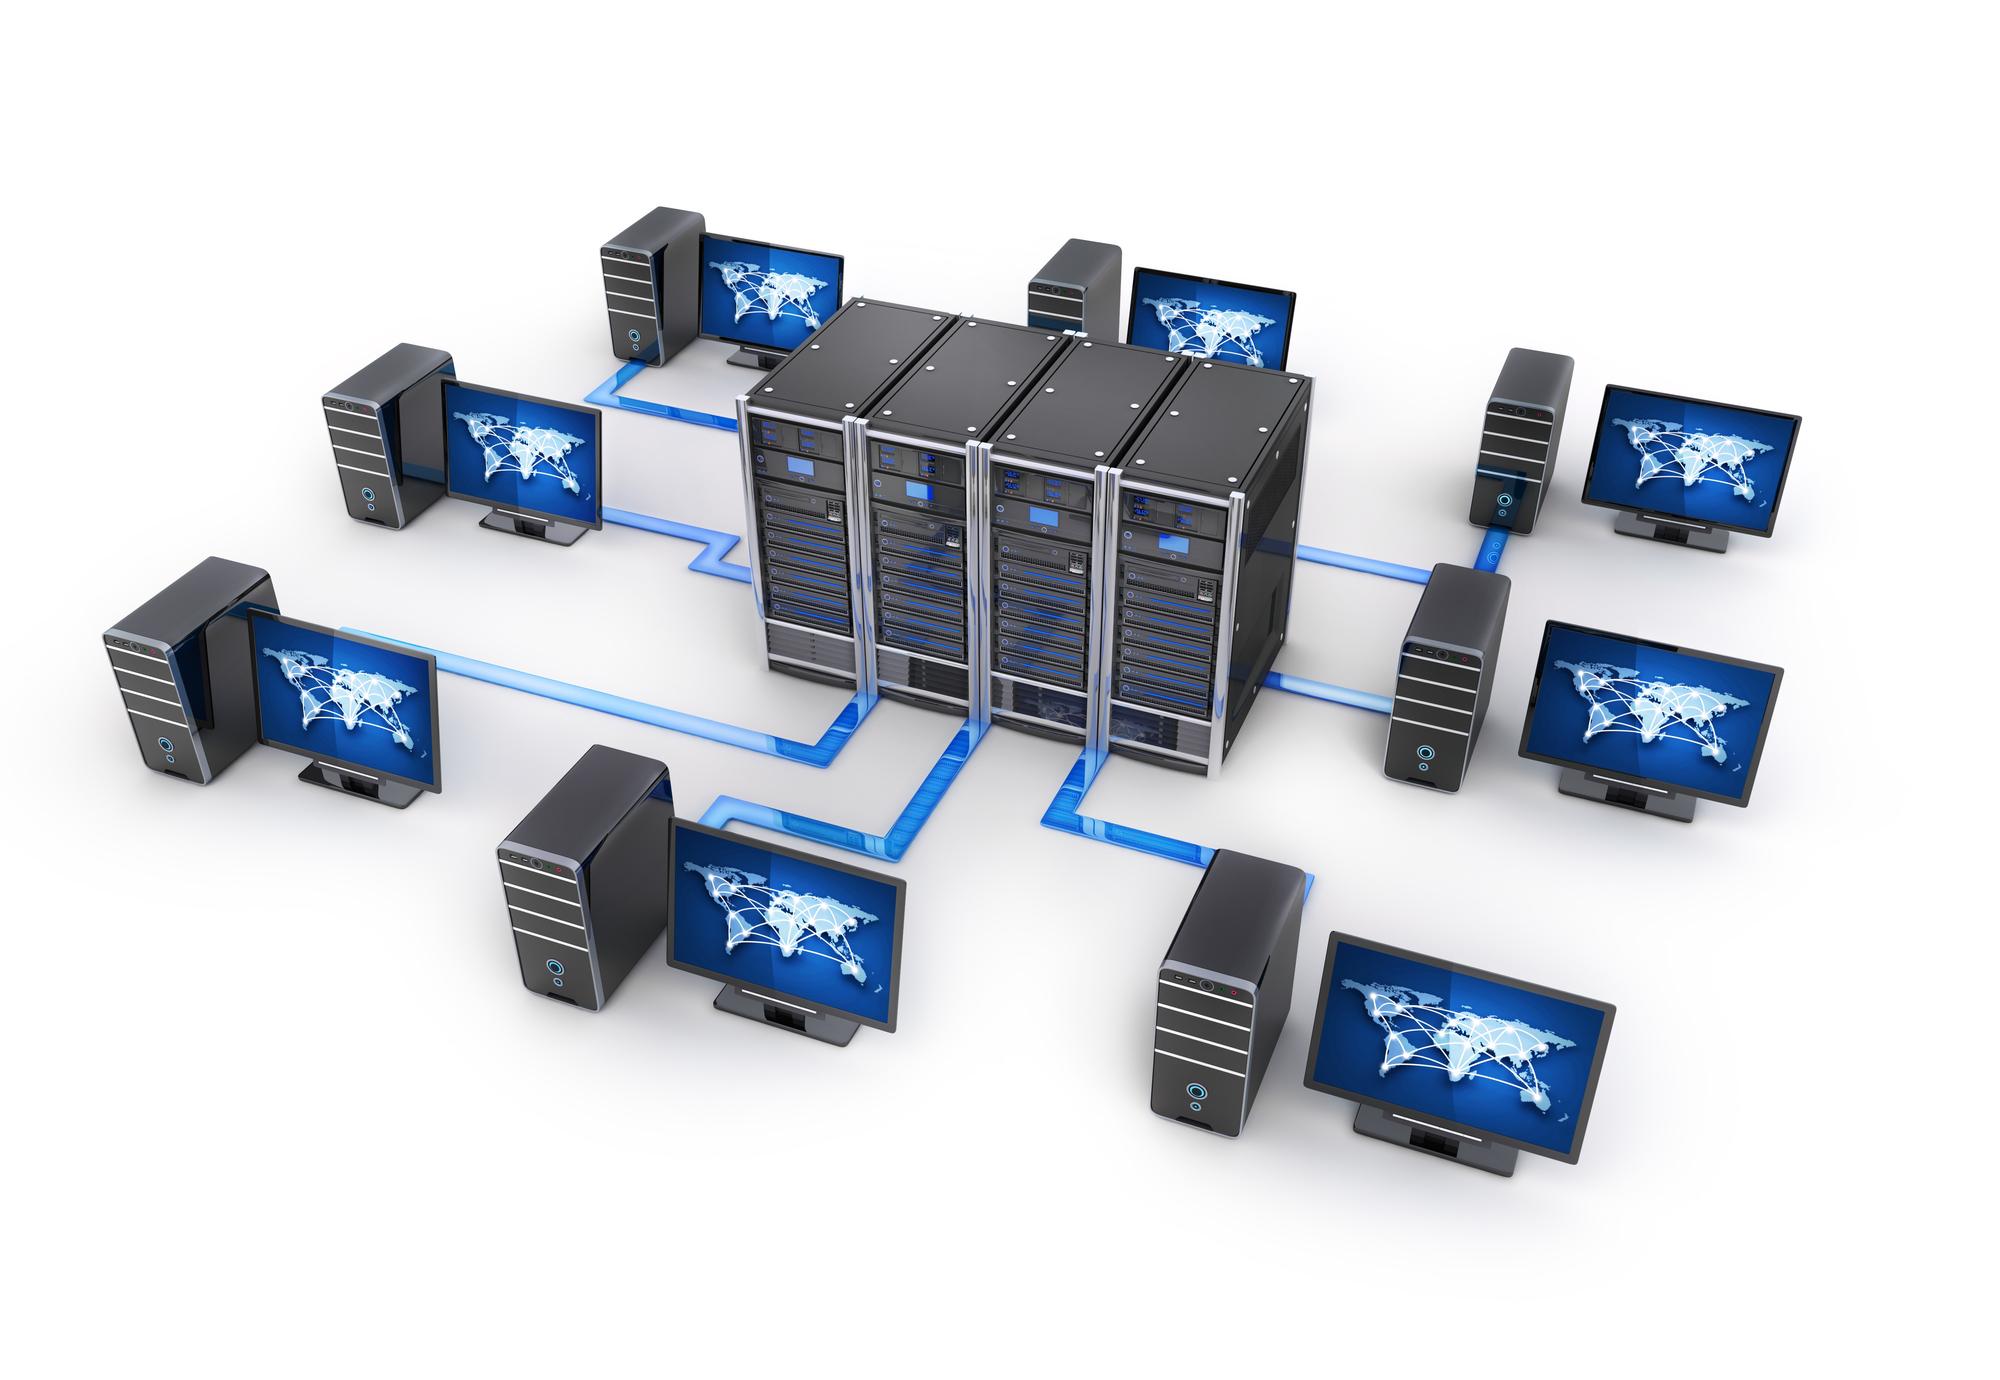 Windows Server 2008の延長サポート期限は2020年1月14日まで!サポート終了に備えるべき理由とはのアイキャッチイメージ